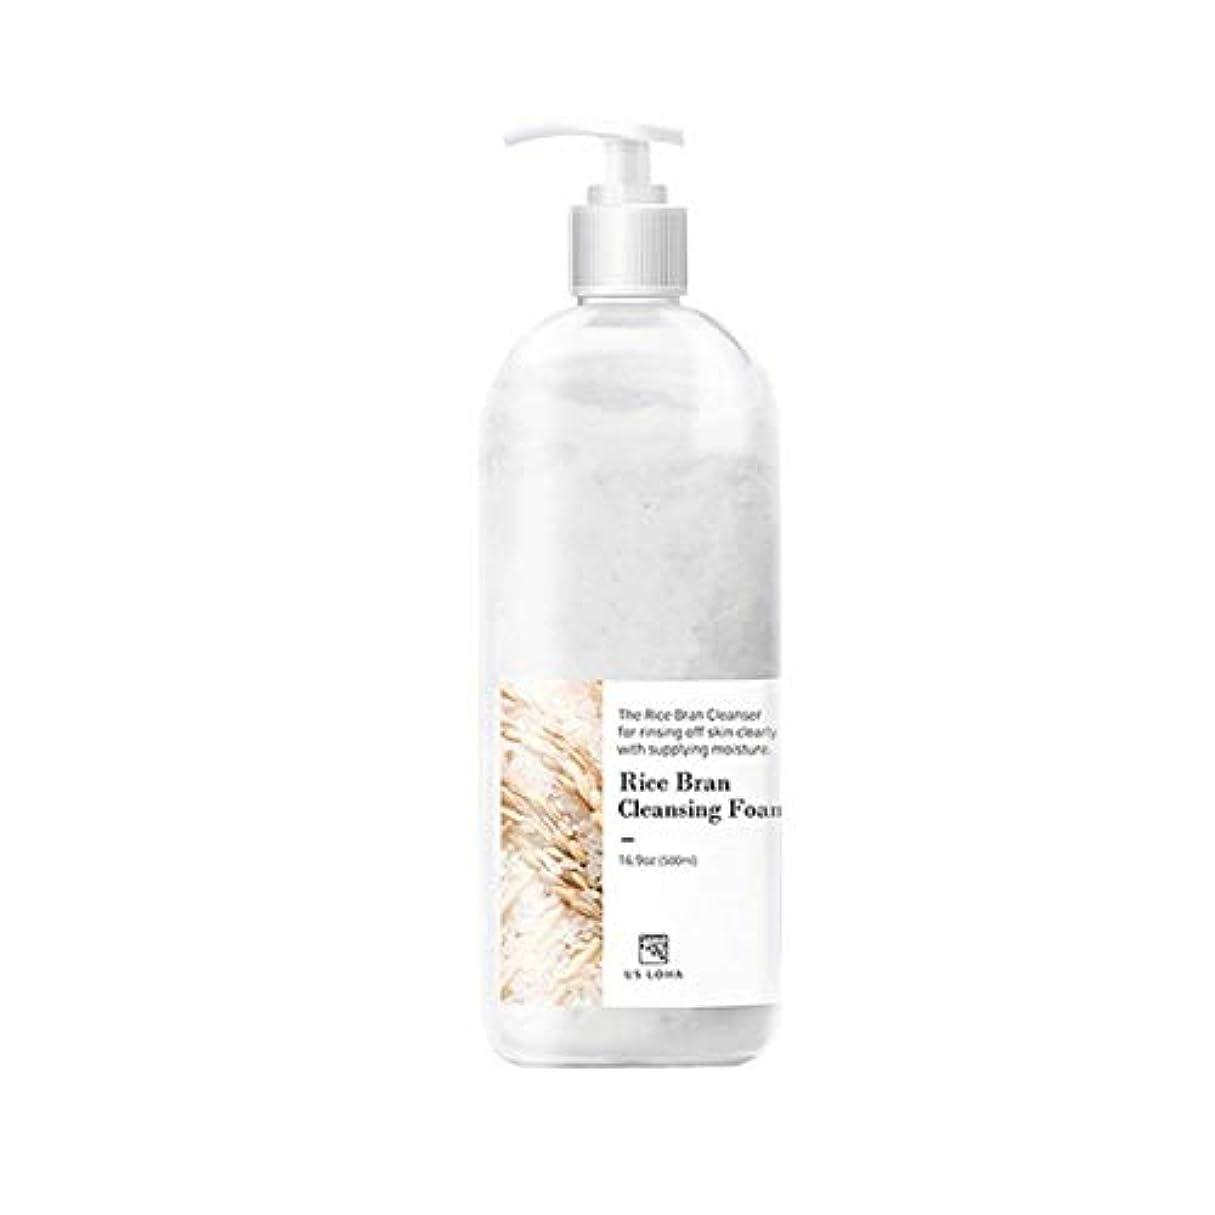 アスロハ米ぬかクレンジング?フォーム500ml韓国コスメ、Usloha Rice Bran Cleansing Foam 500ml Korean Cosmetics [並行輸入品]